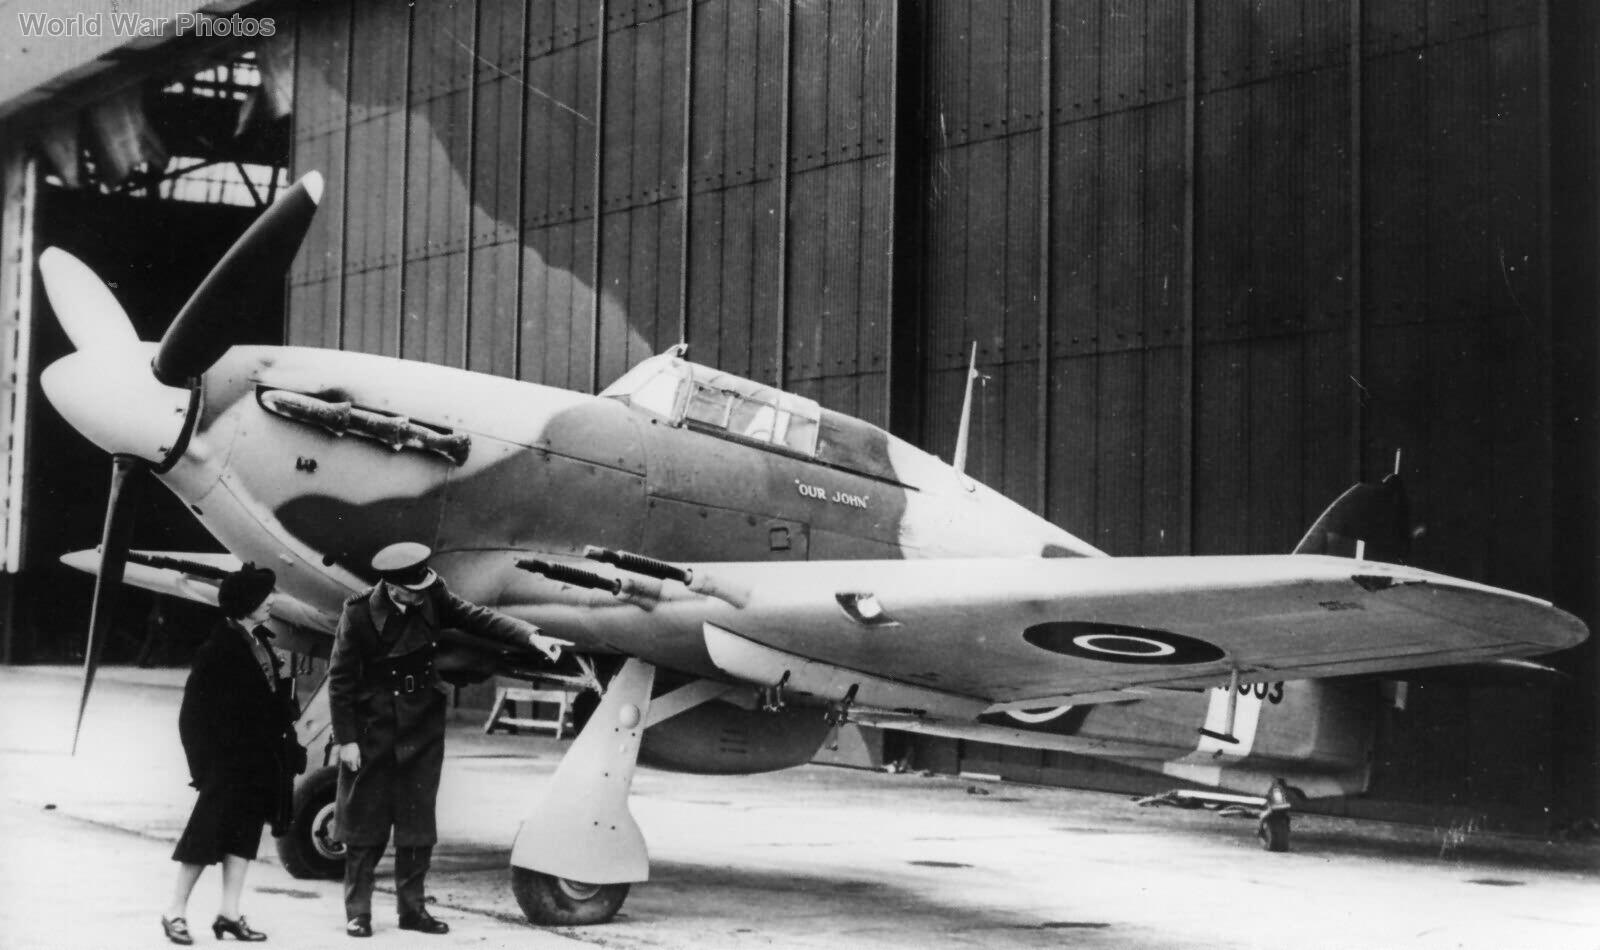 Hawker Hurricane IIc HW603 Our John